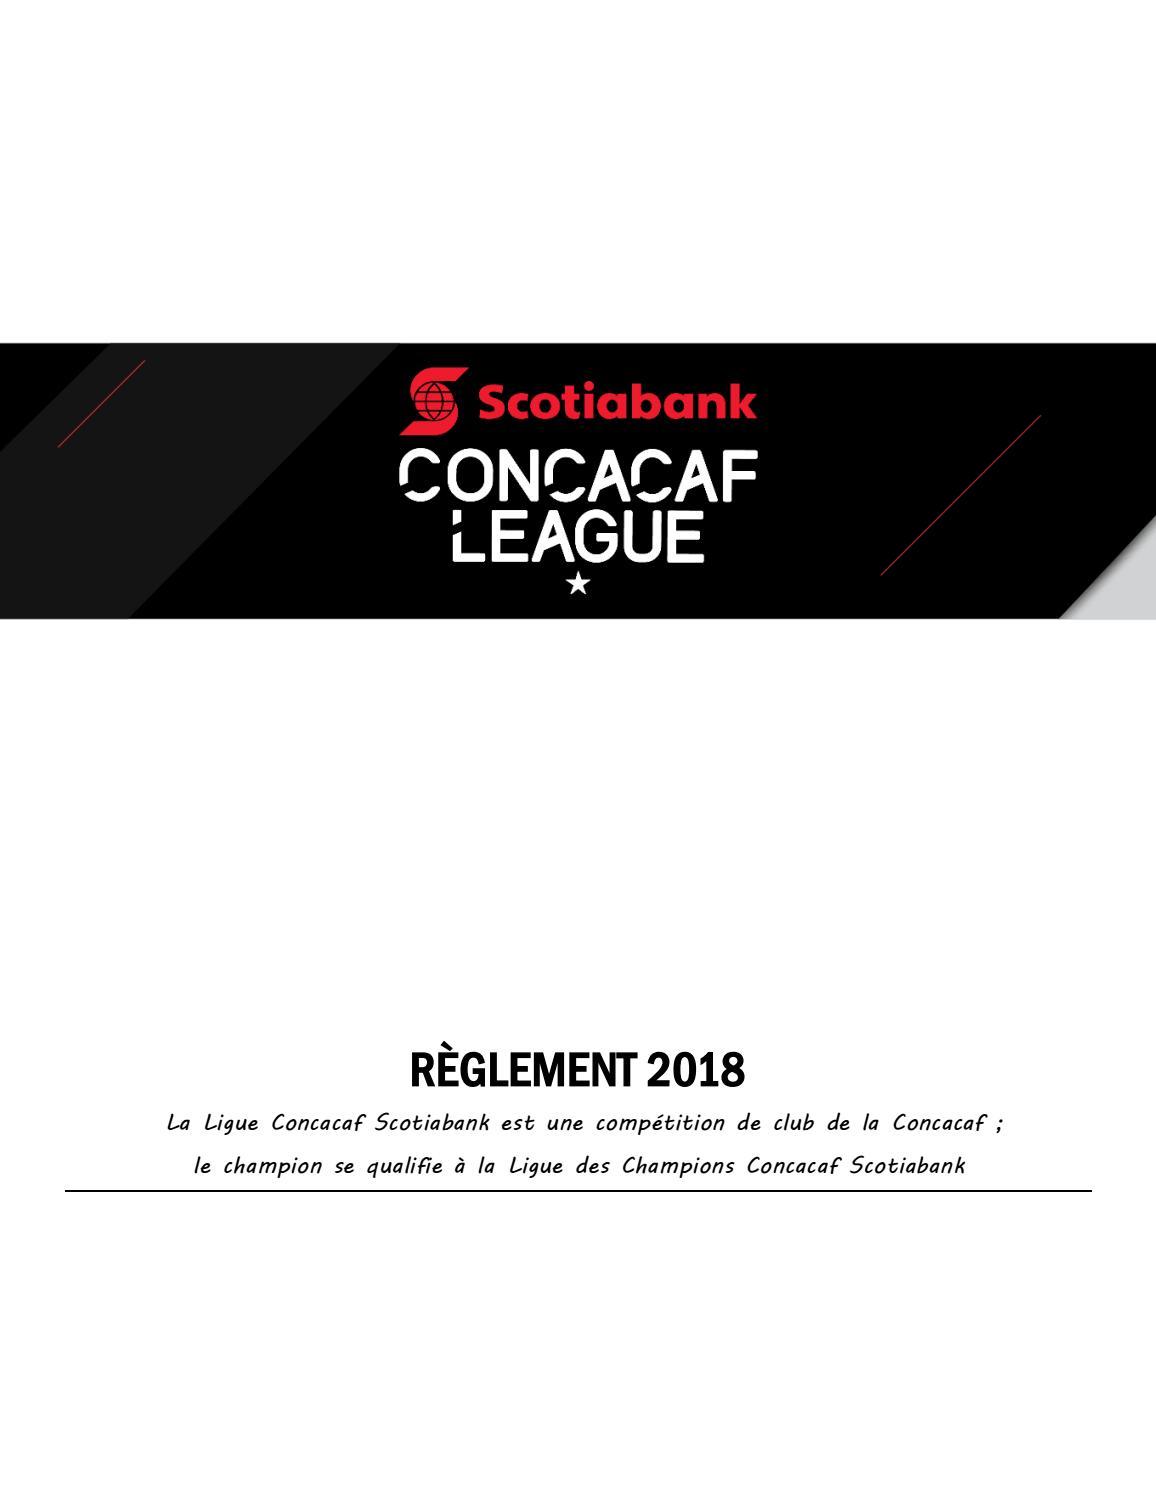 les exigences de l'application de rencontres de Ligue rencontre fille contrat